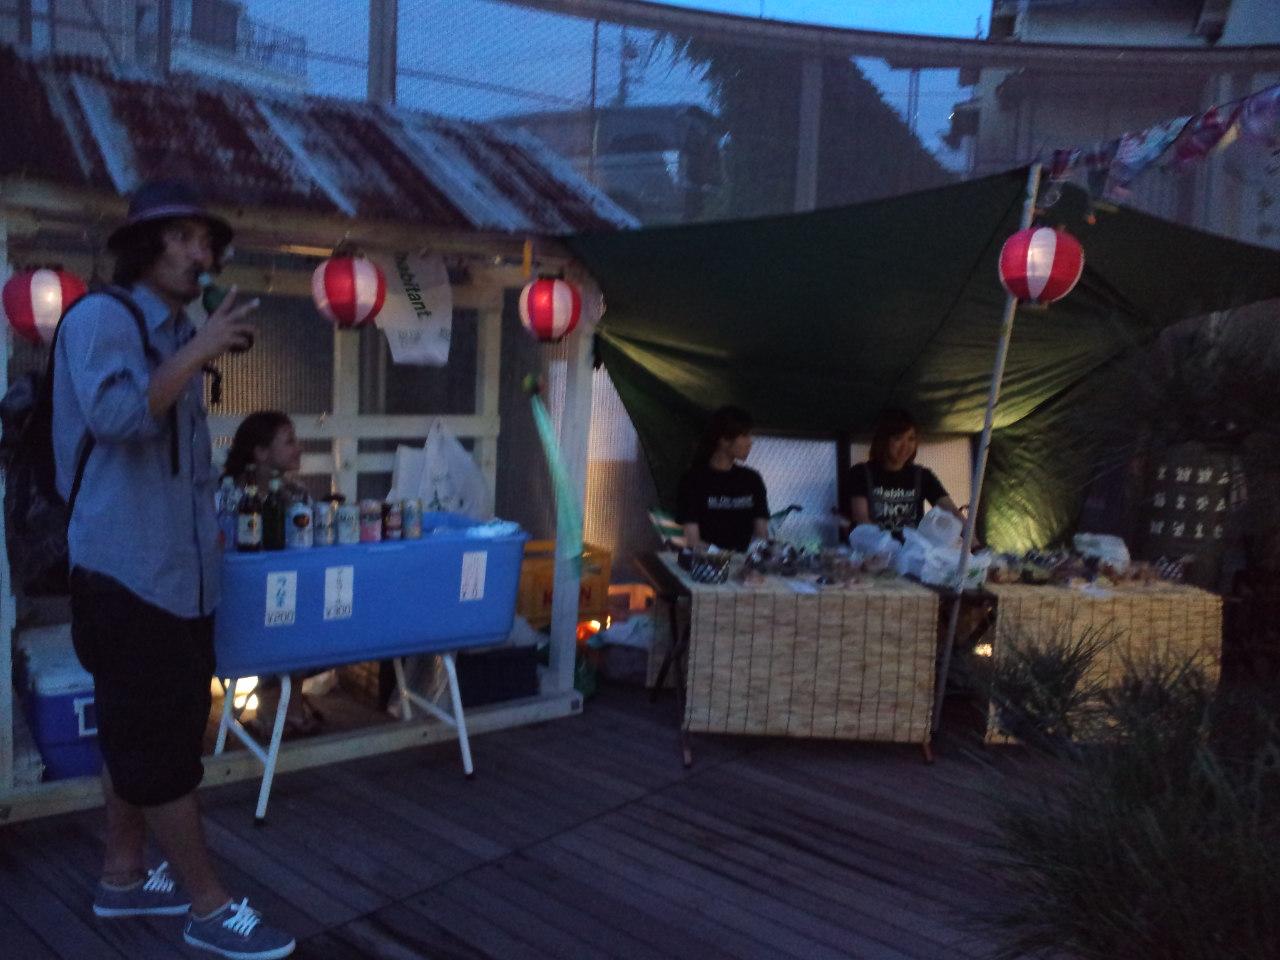 インハビタントストア東京にて夏祭り出店が★_c0151965_16473012.jpg